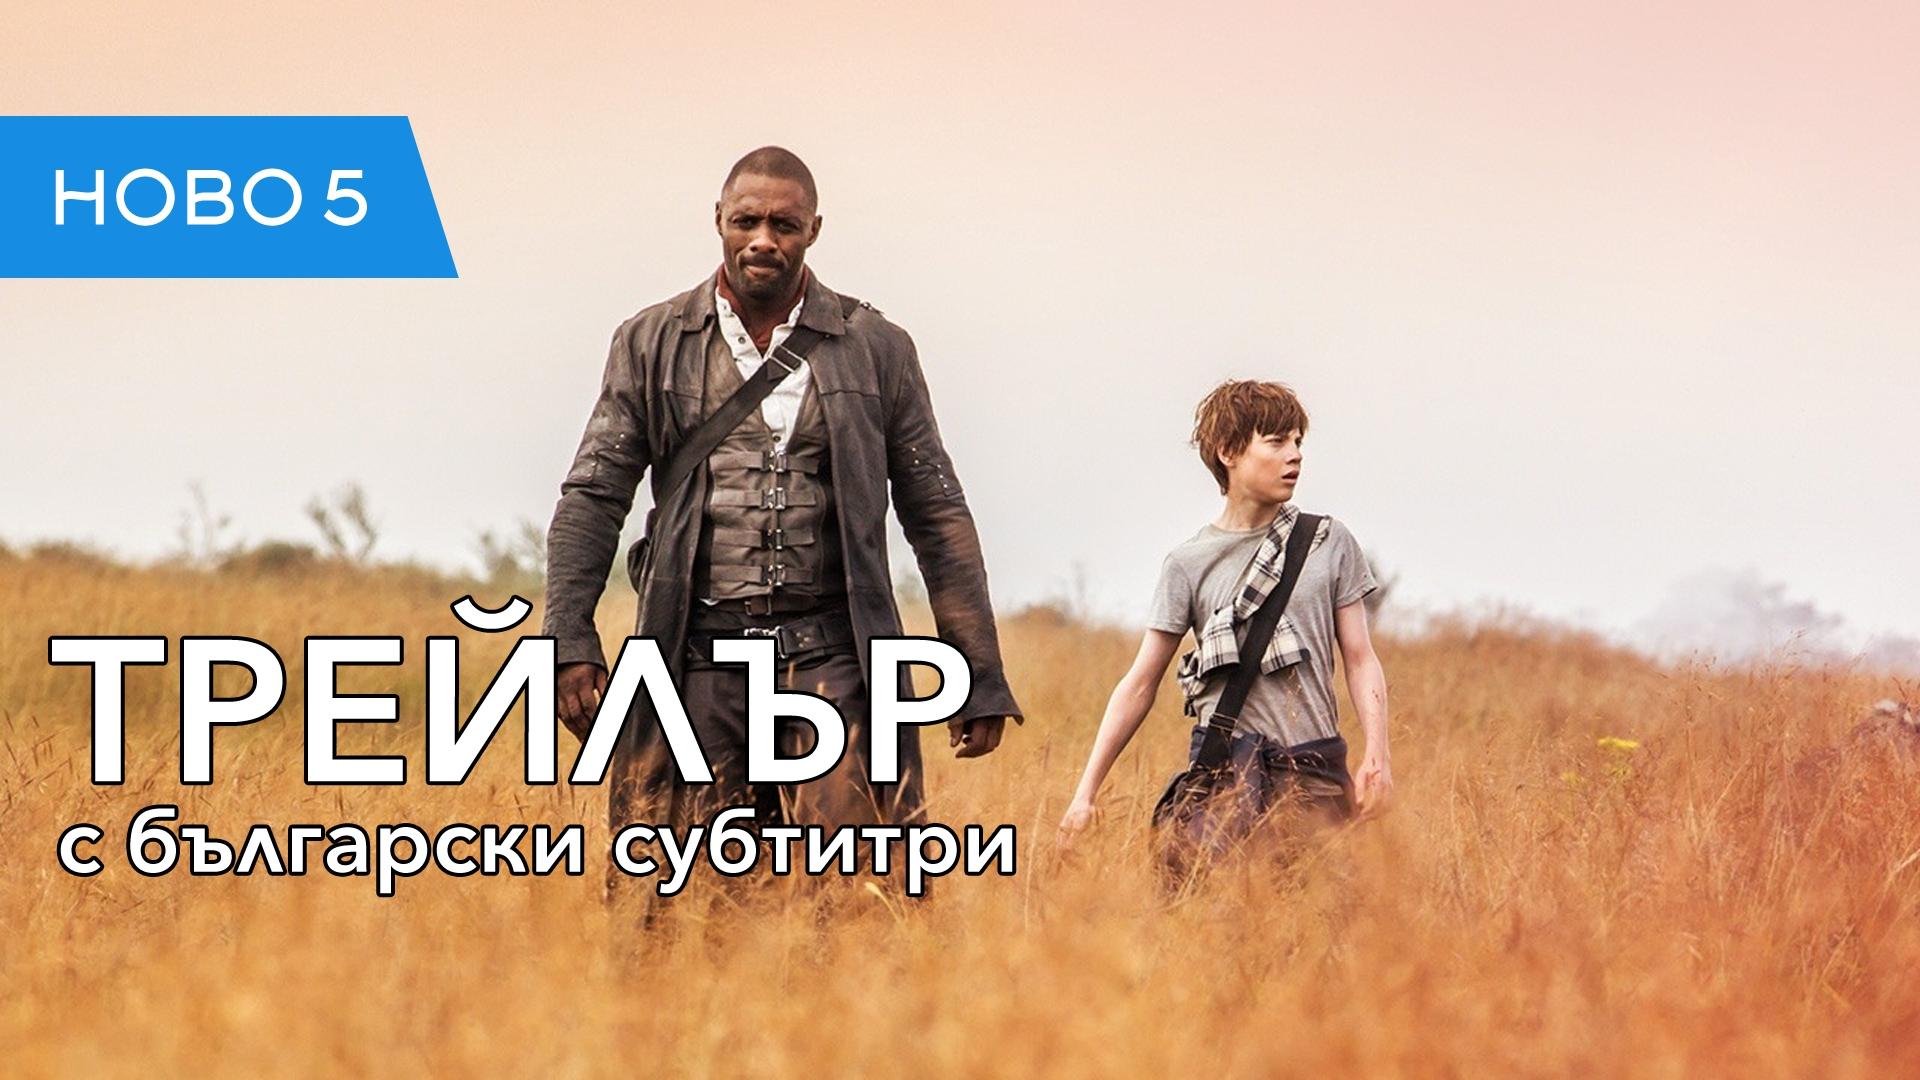 Тъмната кула (2017) първи трейлър с български субтитри